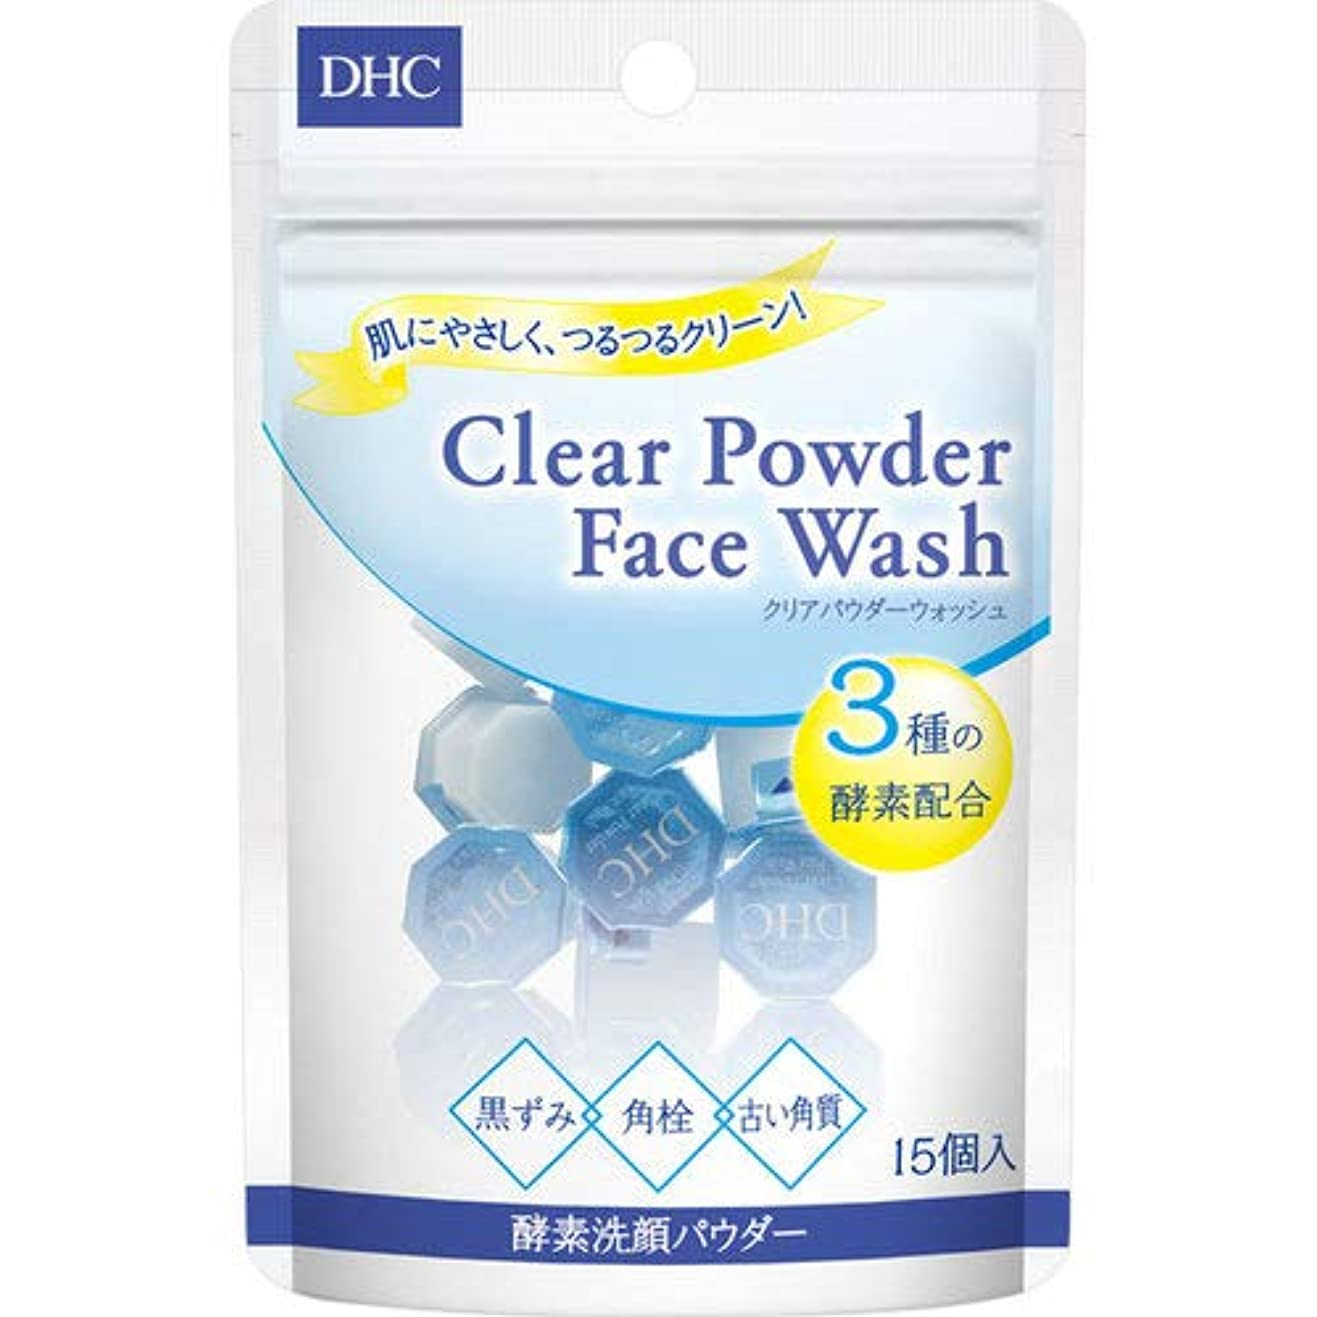 驚かす夕食を作る興味DHC クリアパウダーウォッシュ 0.4g×15個入 酵素洗顔パウダー